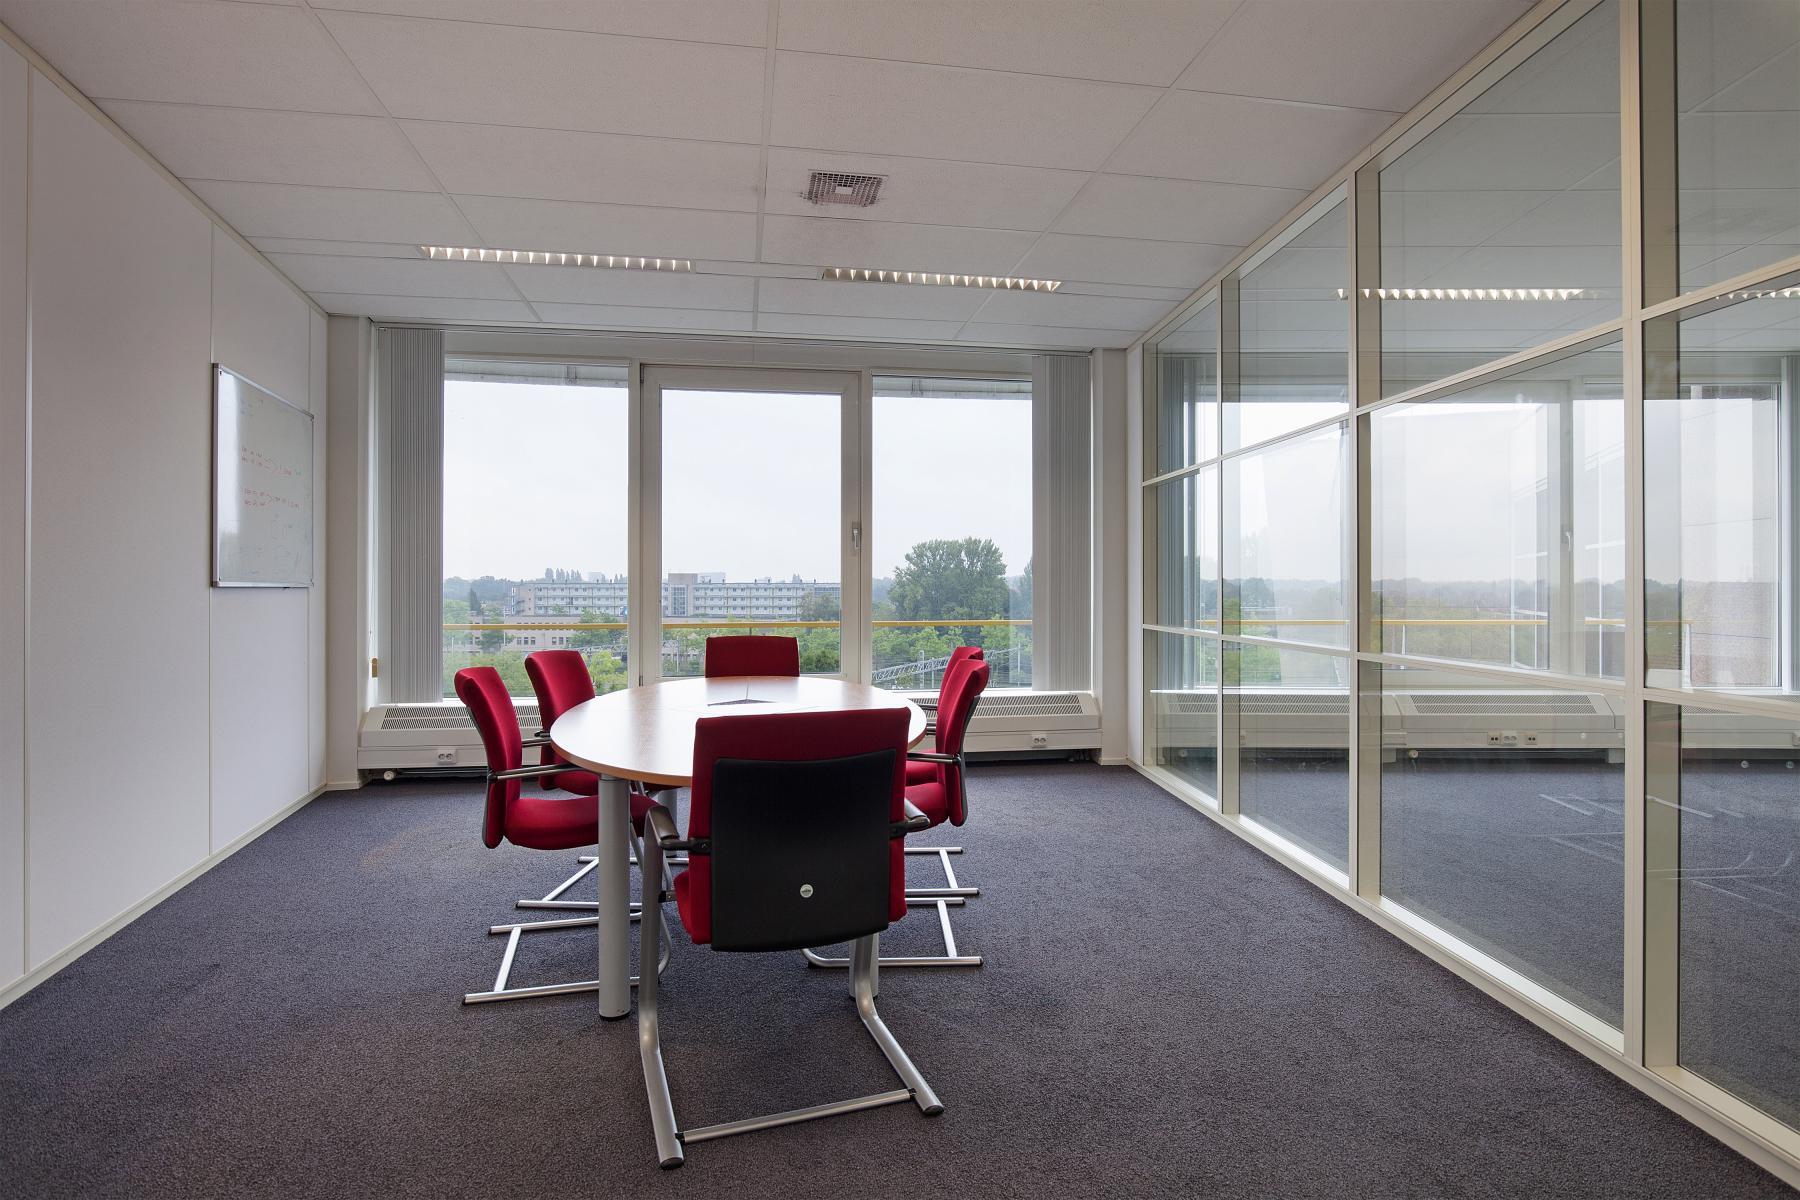 werkplek huren Dordrecht Burgemeester de Raadtsingel